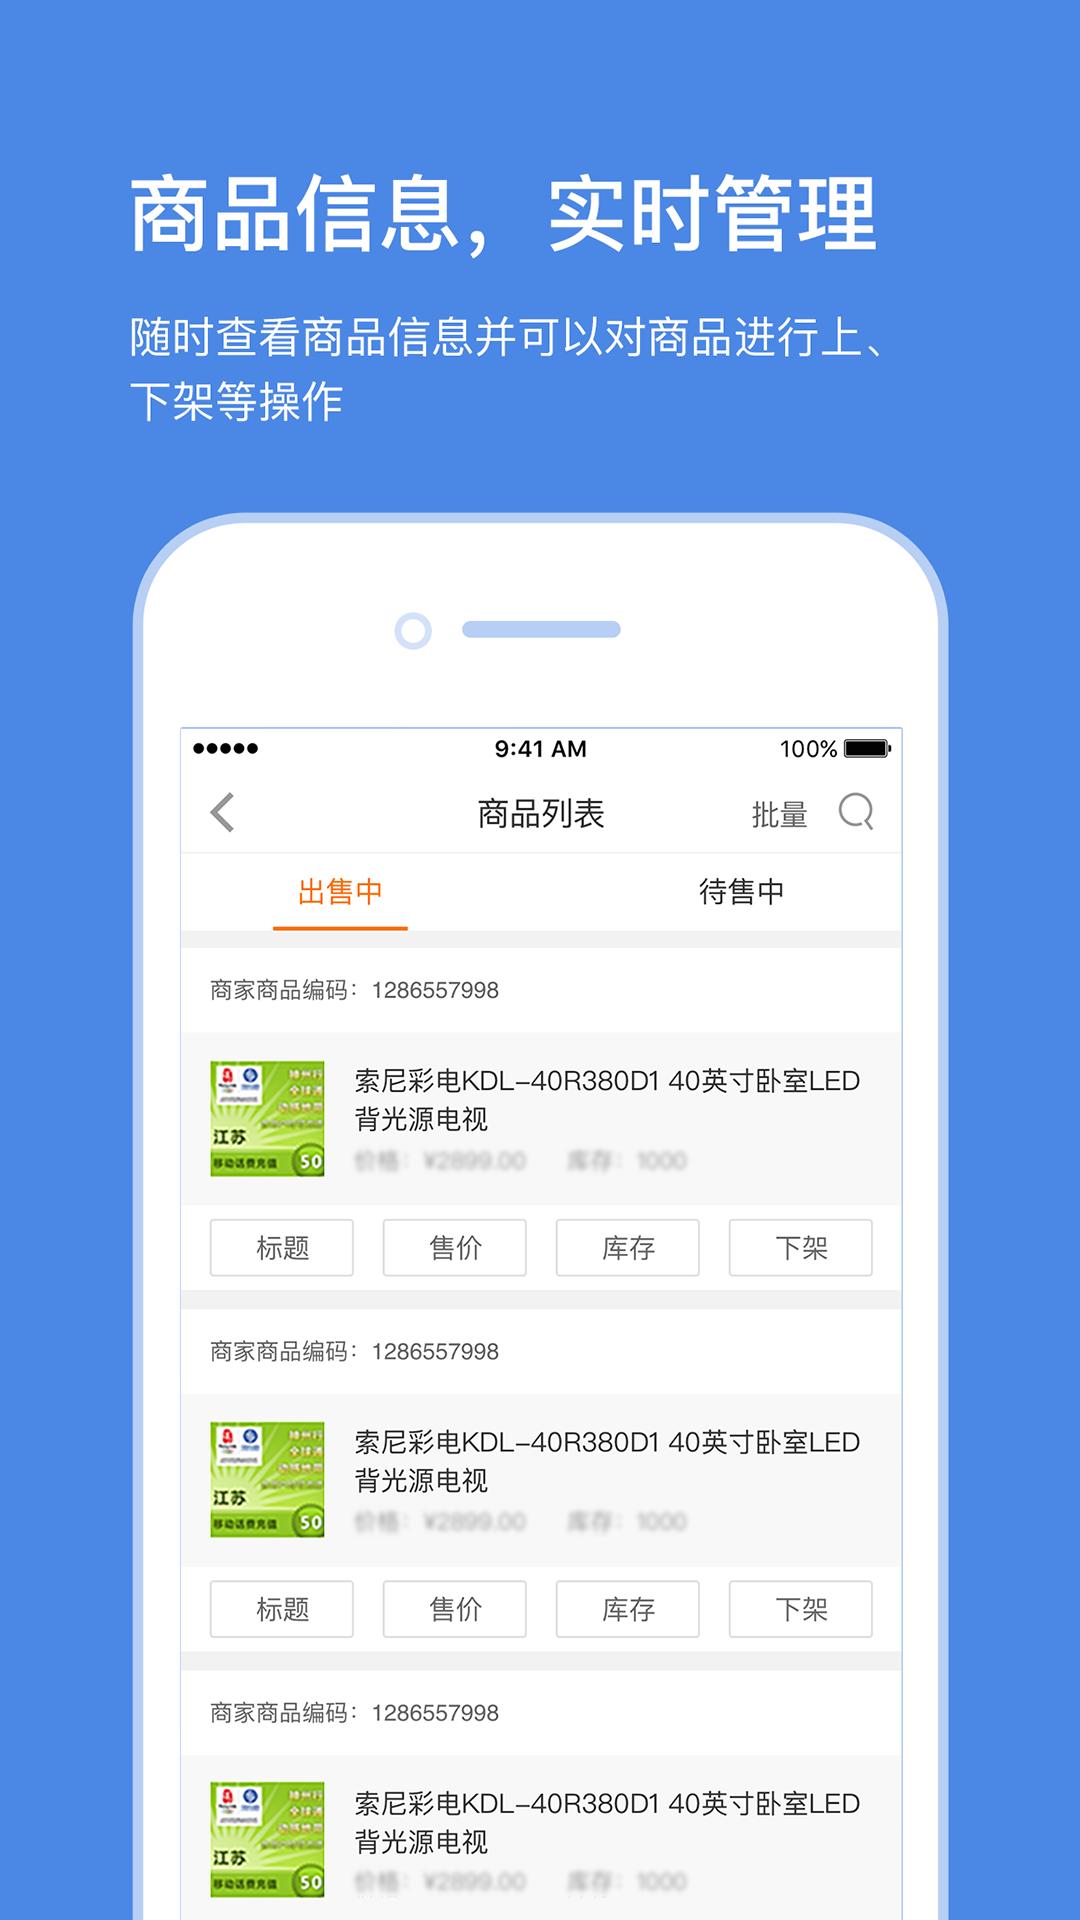 苏宁云台助手手机版|云台助手 V5.1.4 安卓版 下载图 2